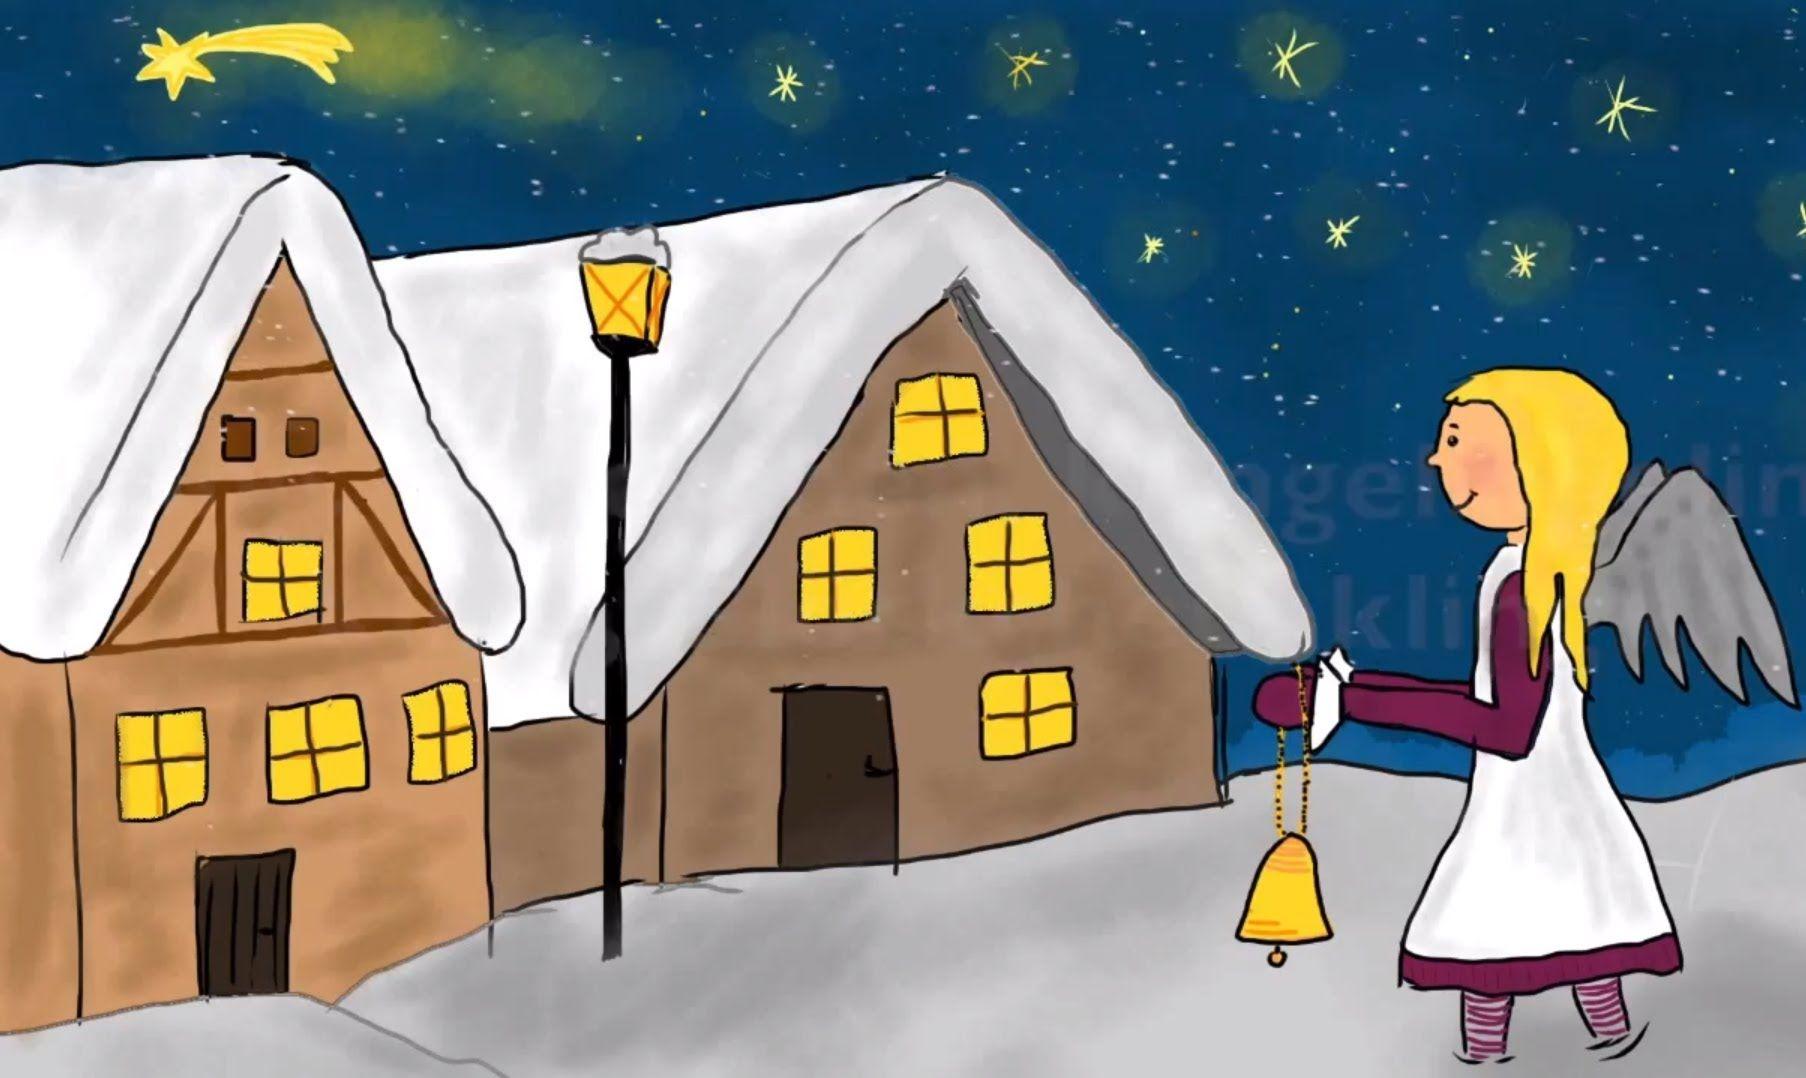 Beeindruckend Kling Glöckchen Foto Von Weihnachtslieder Deutsch - Glöckchen Klingelingeling